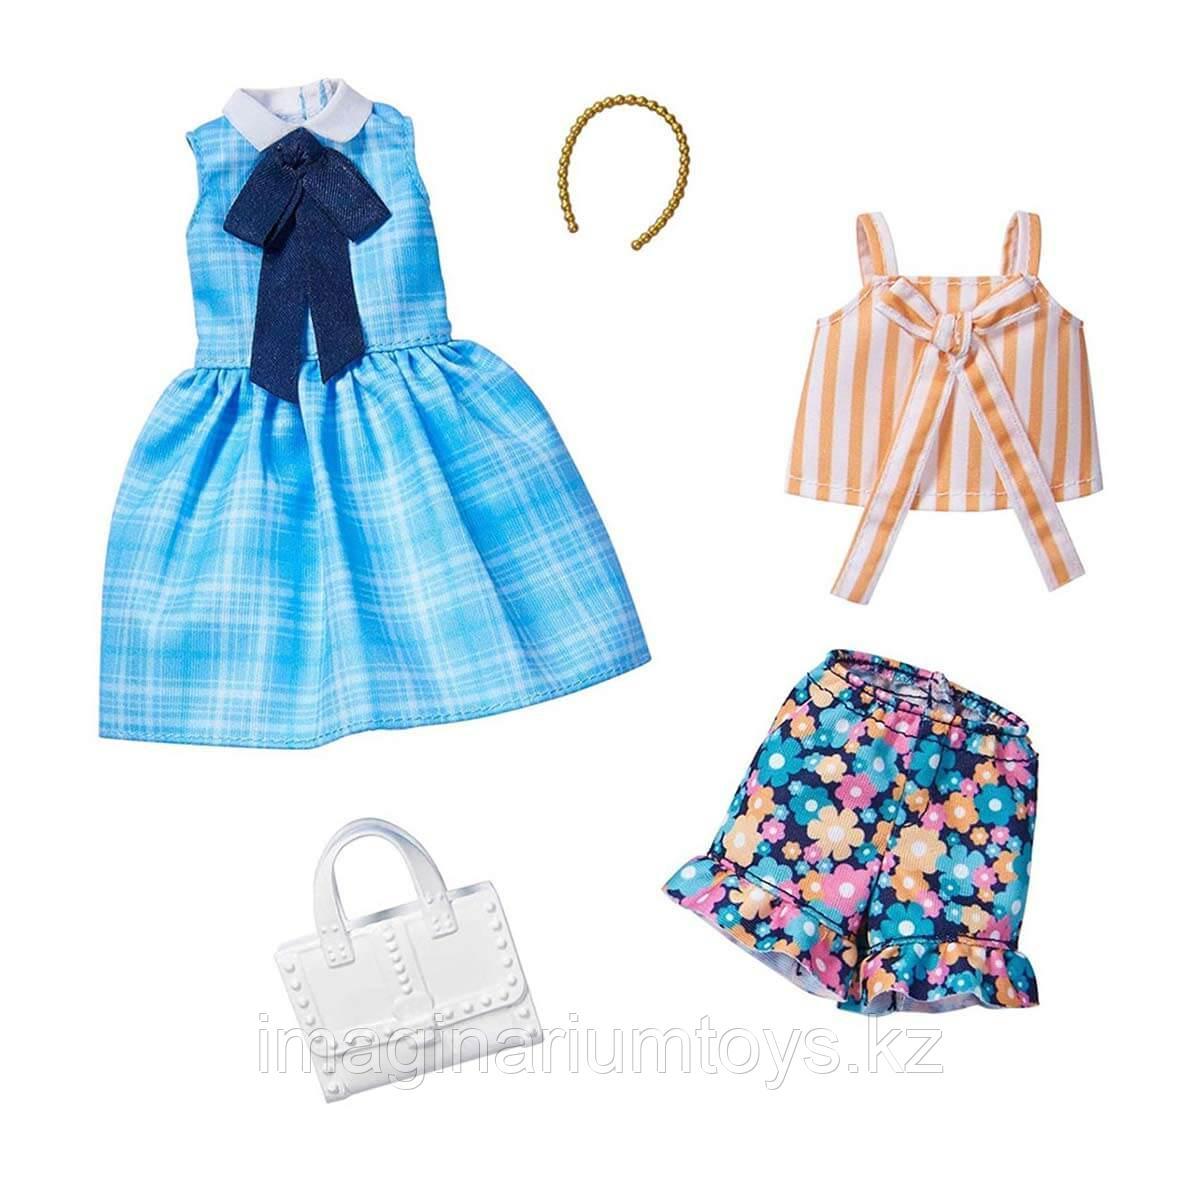 Барби комплект одежды для куклы новинка 2020 FYW85